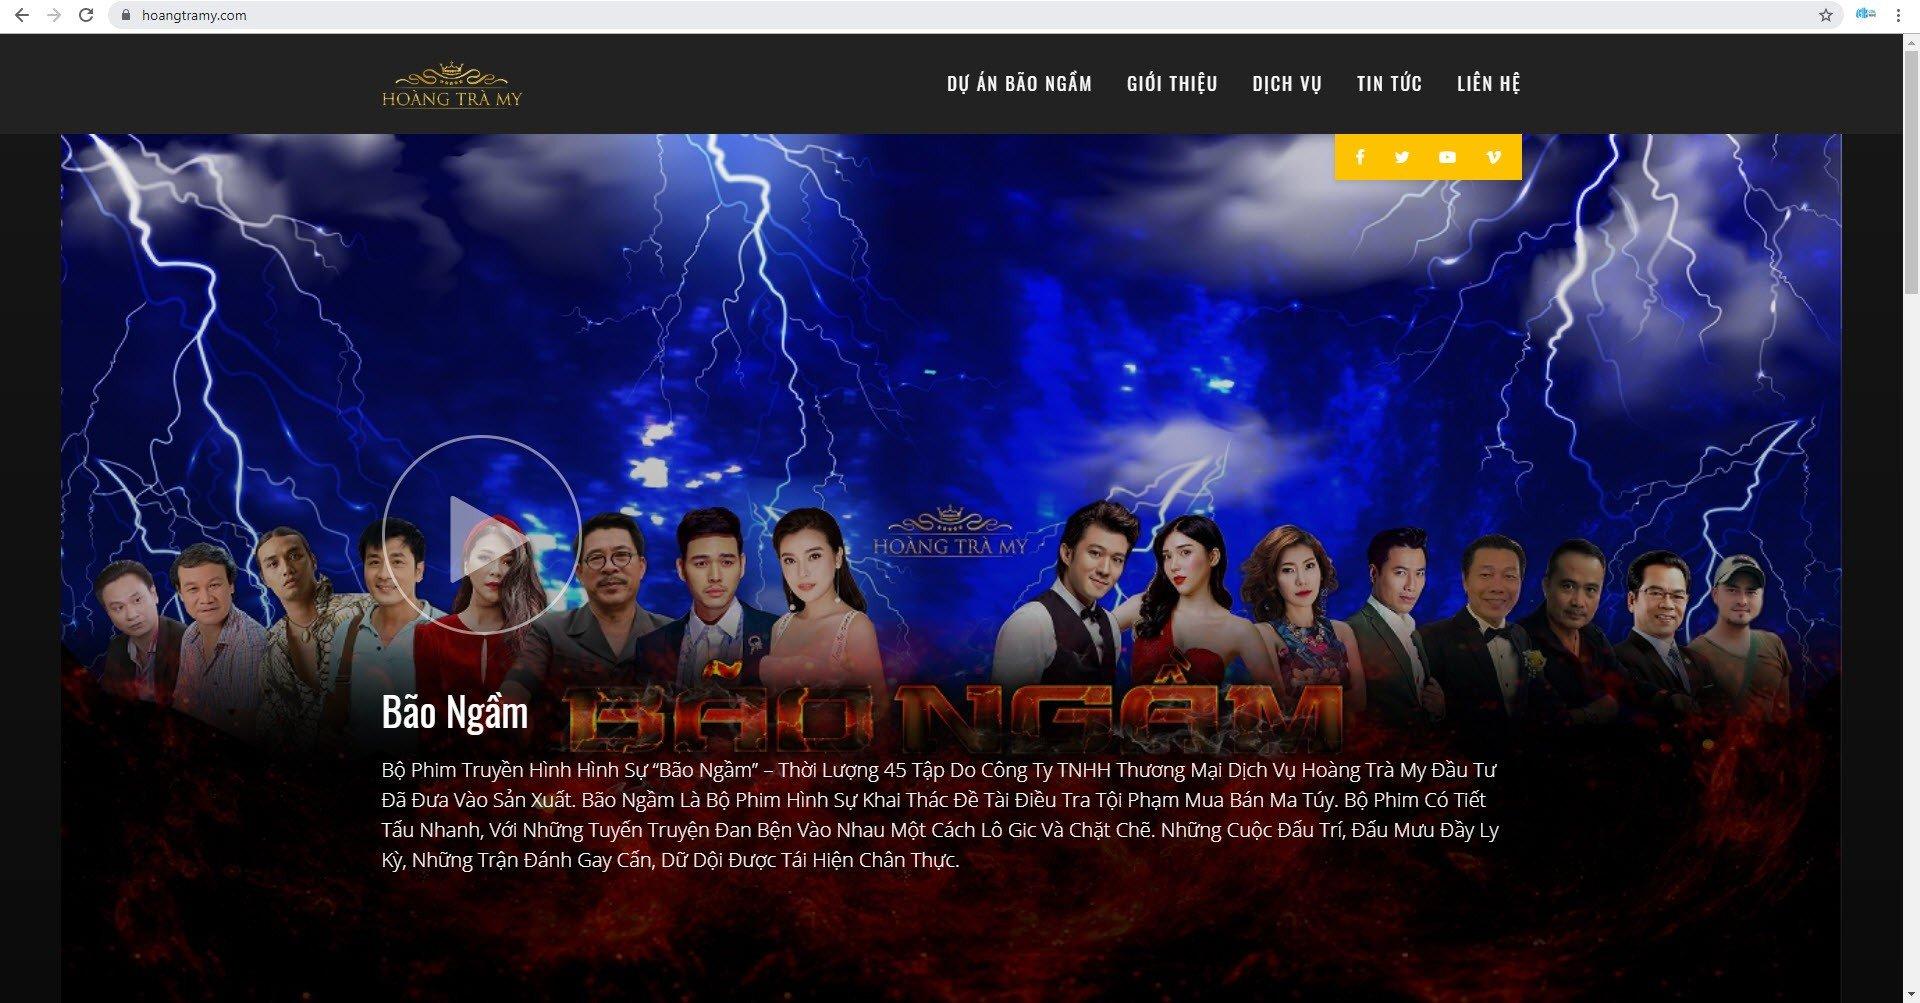 Trang Chủ Website hoangtramy.com do thietke24h.com thực hiện